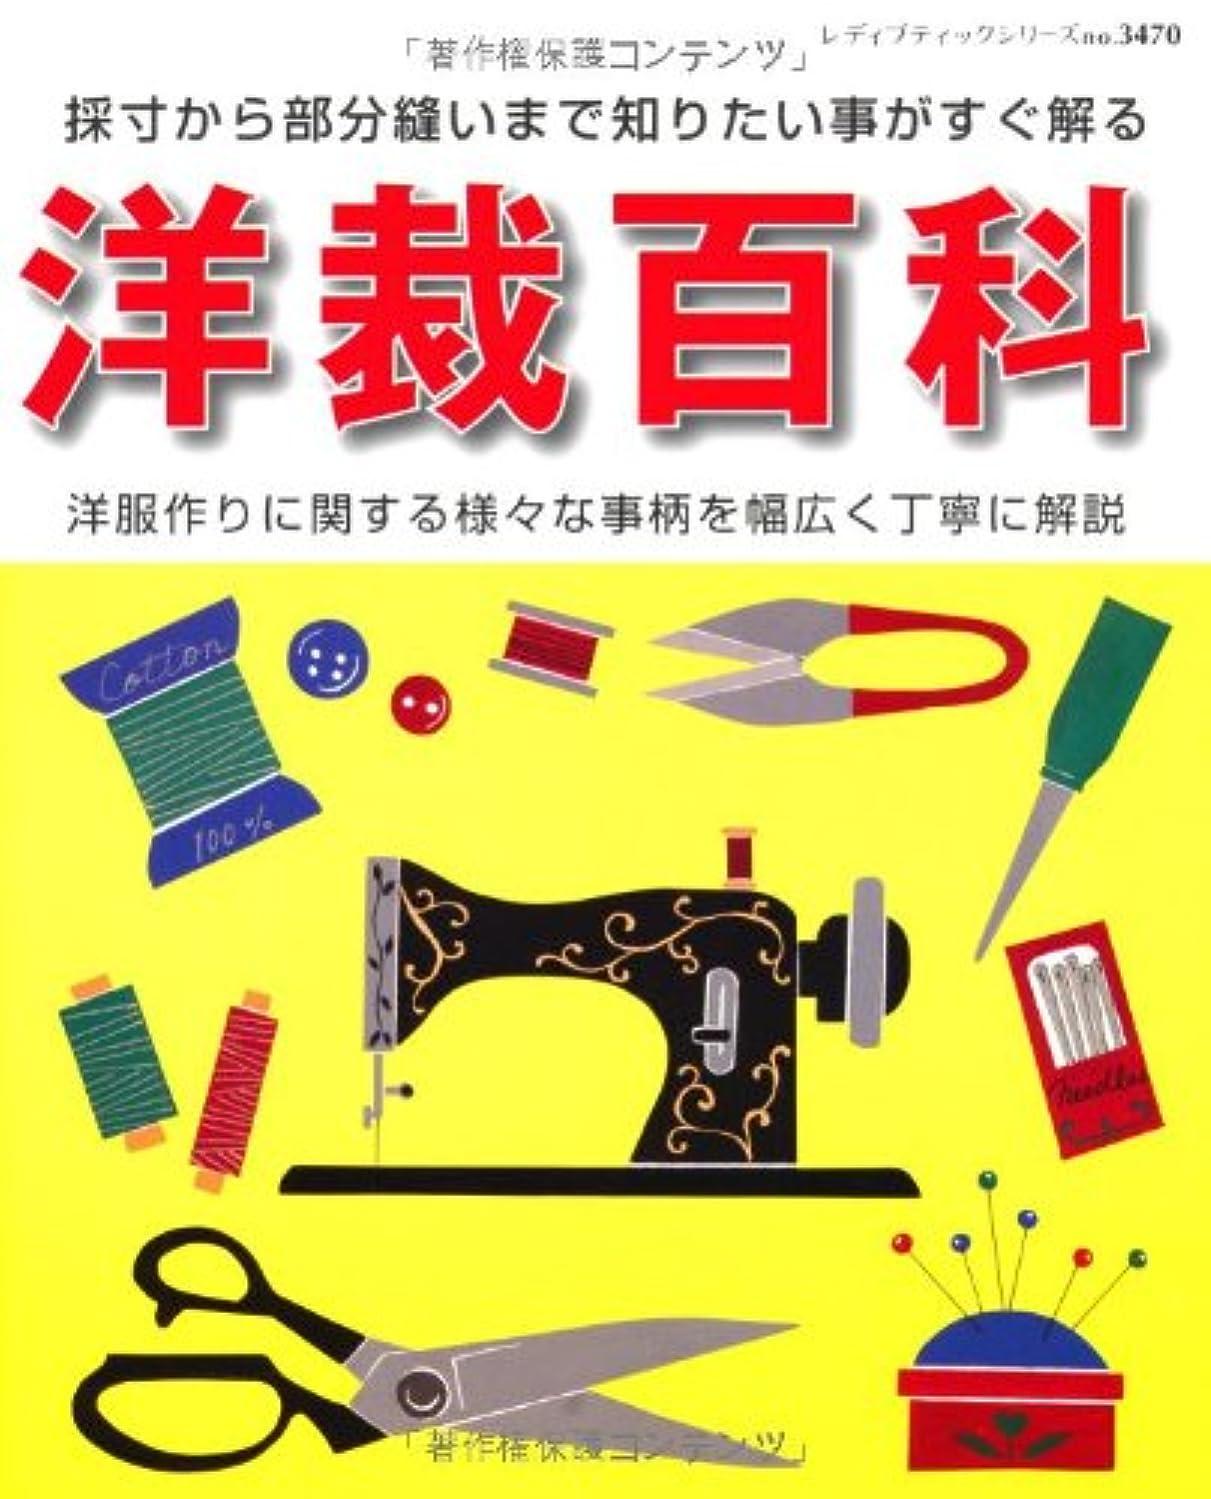 悪性ペパーミント喉頭洋裁百科 (レディブティックシリーズno.3470)